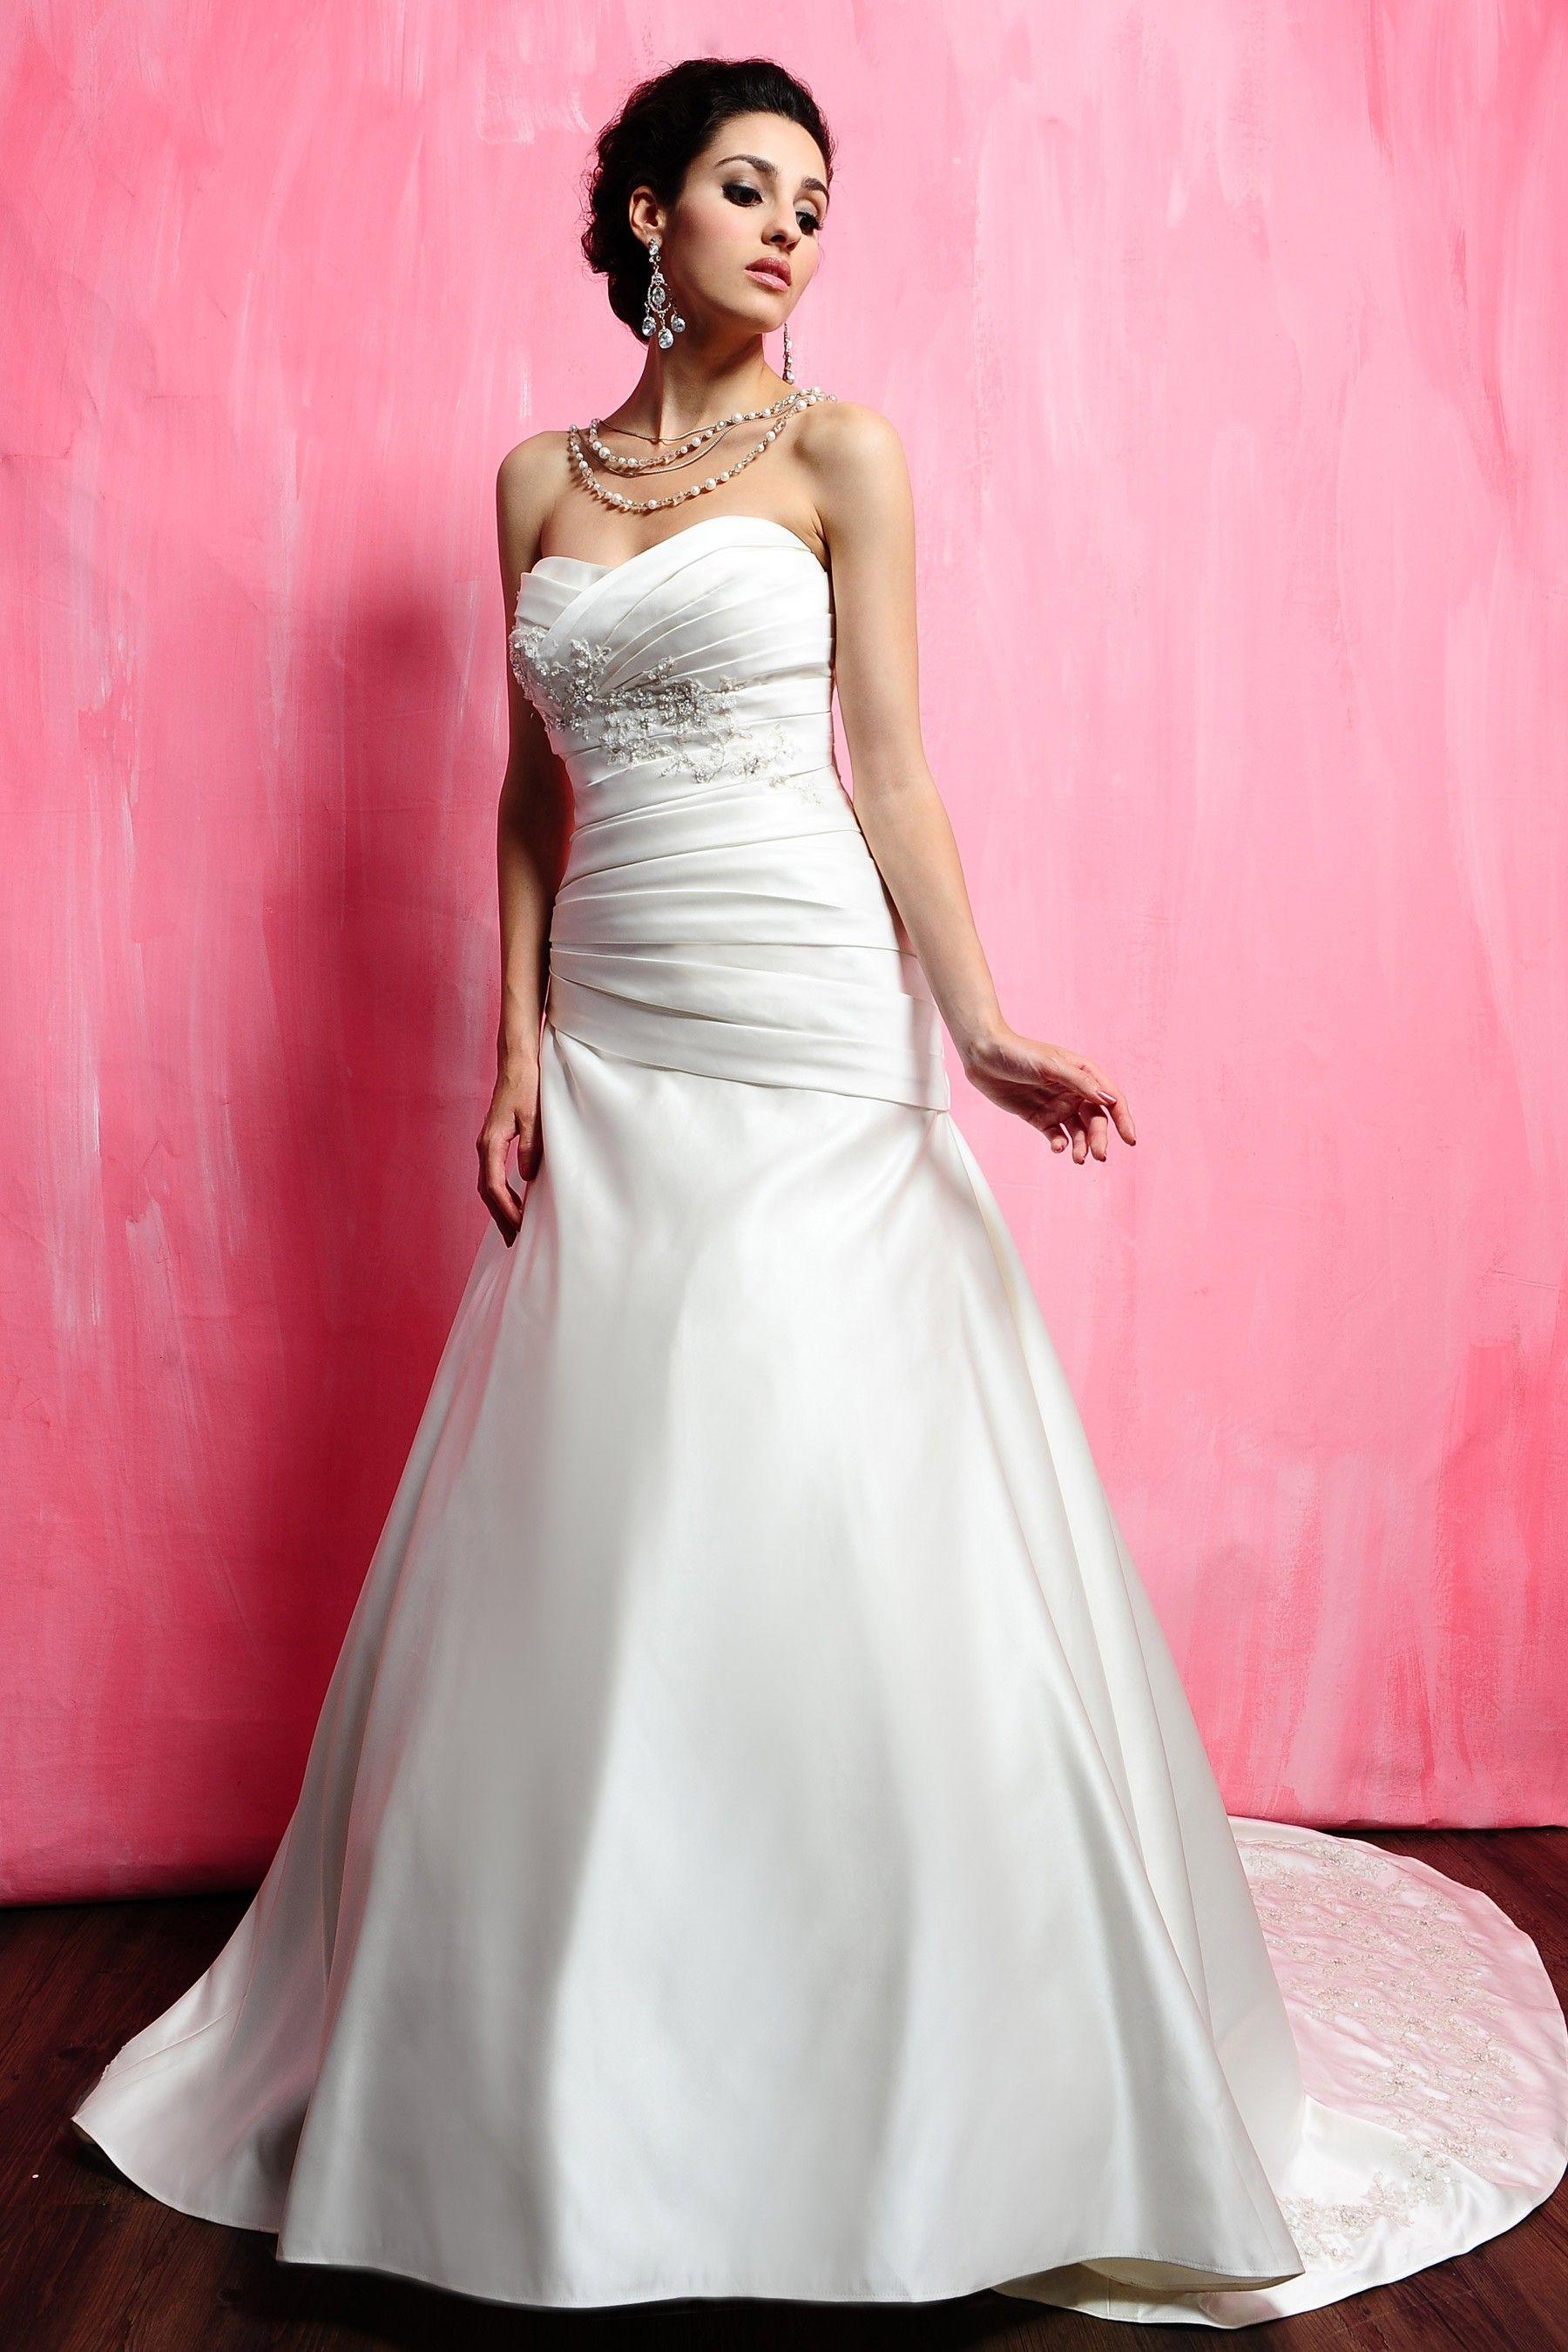 Ziemlich Catherine Giudici Wedding Dress Galerie - Hochzeit Kleid ...